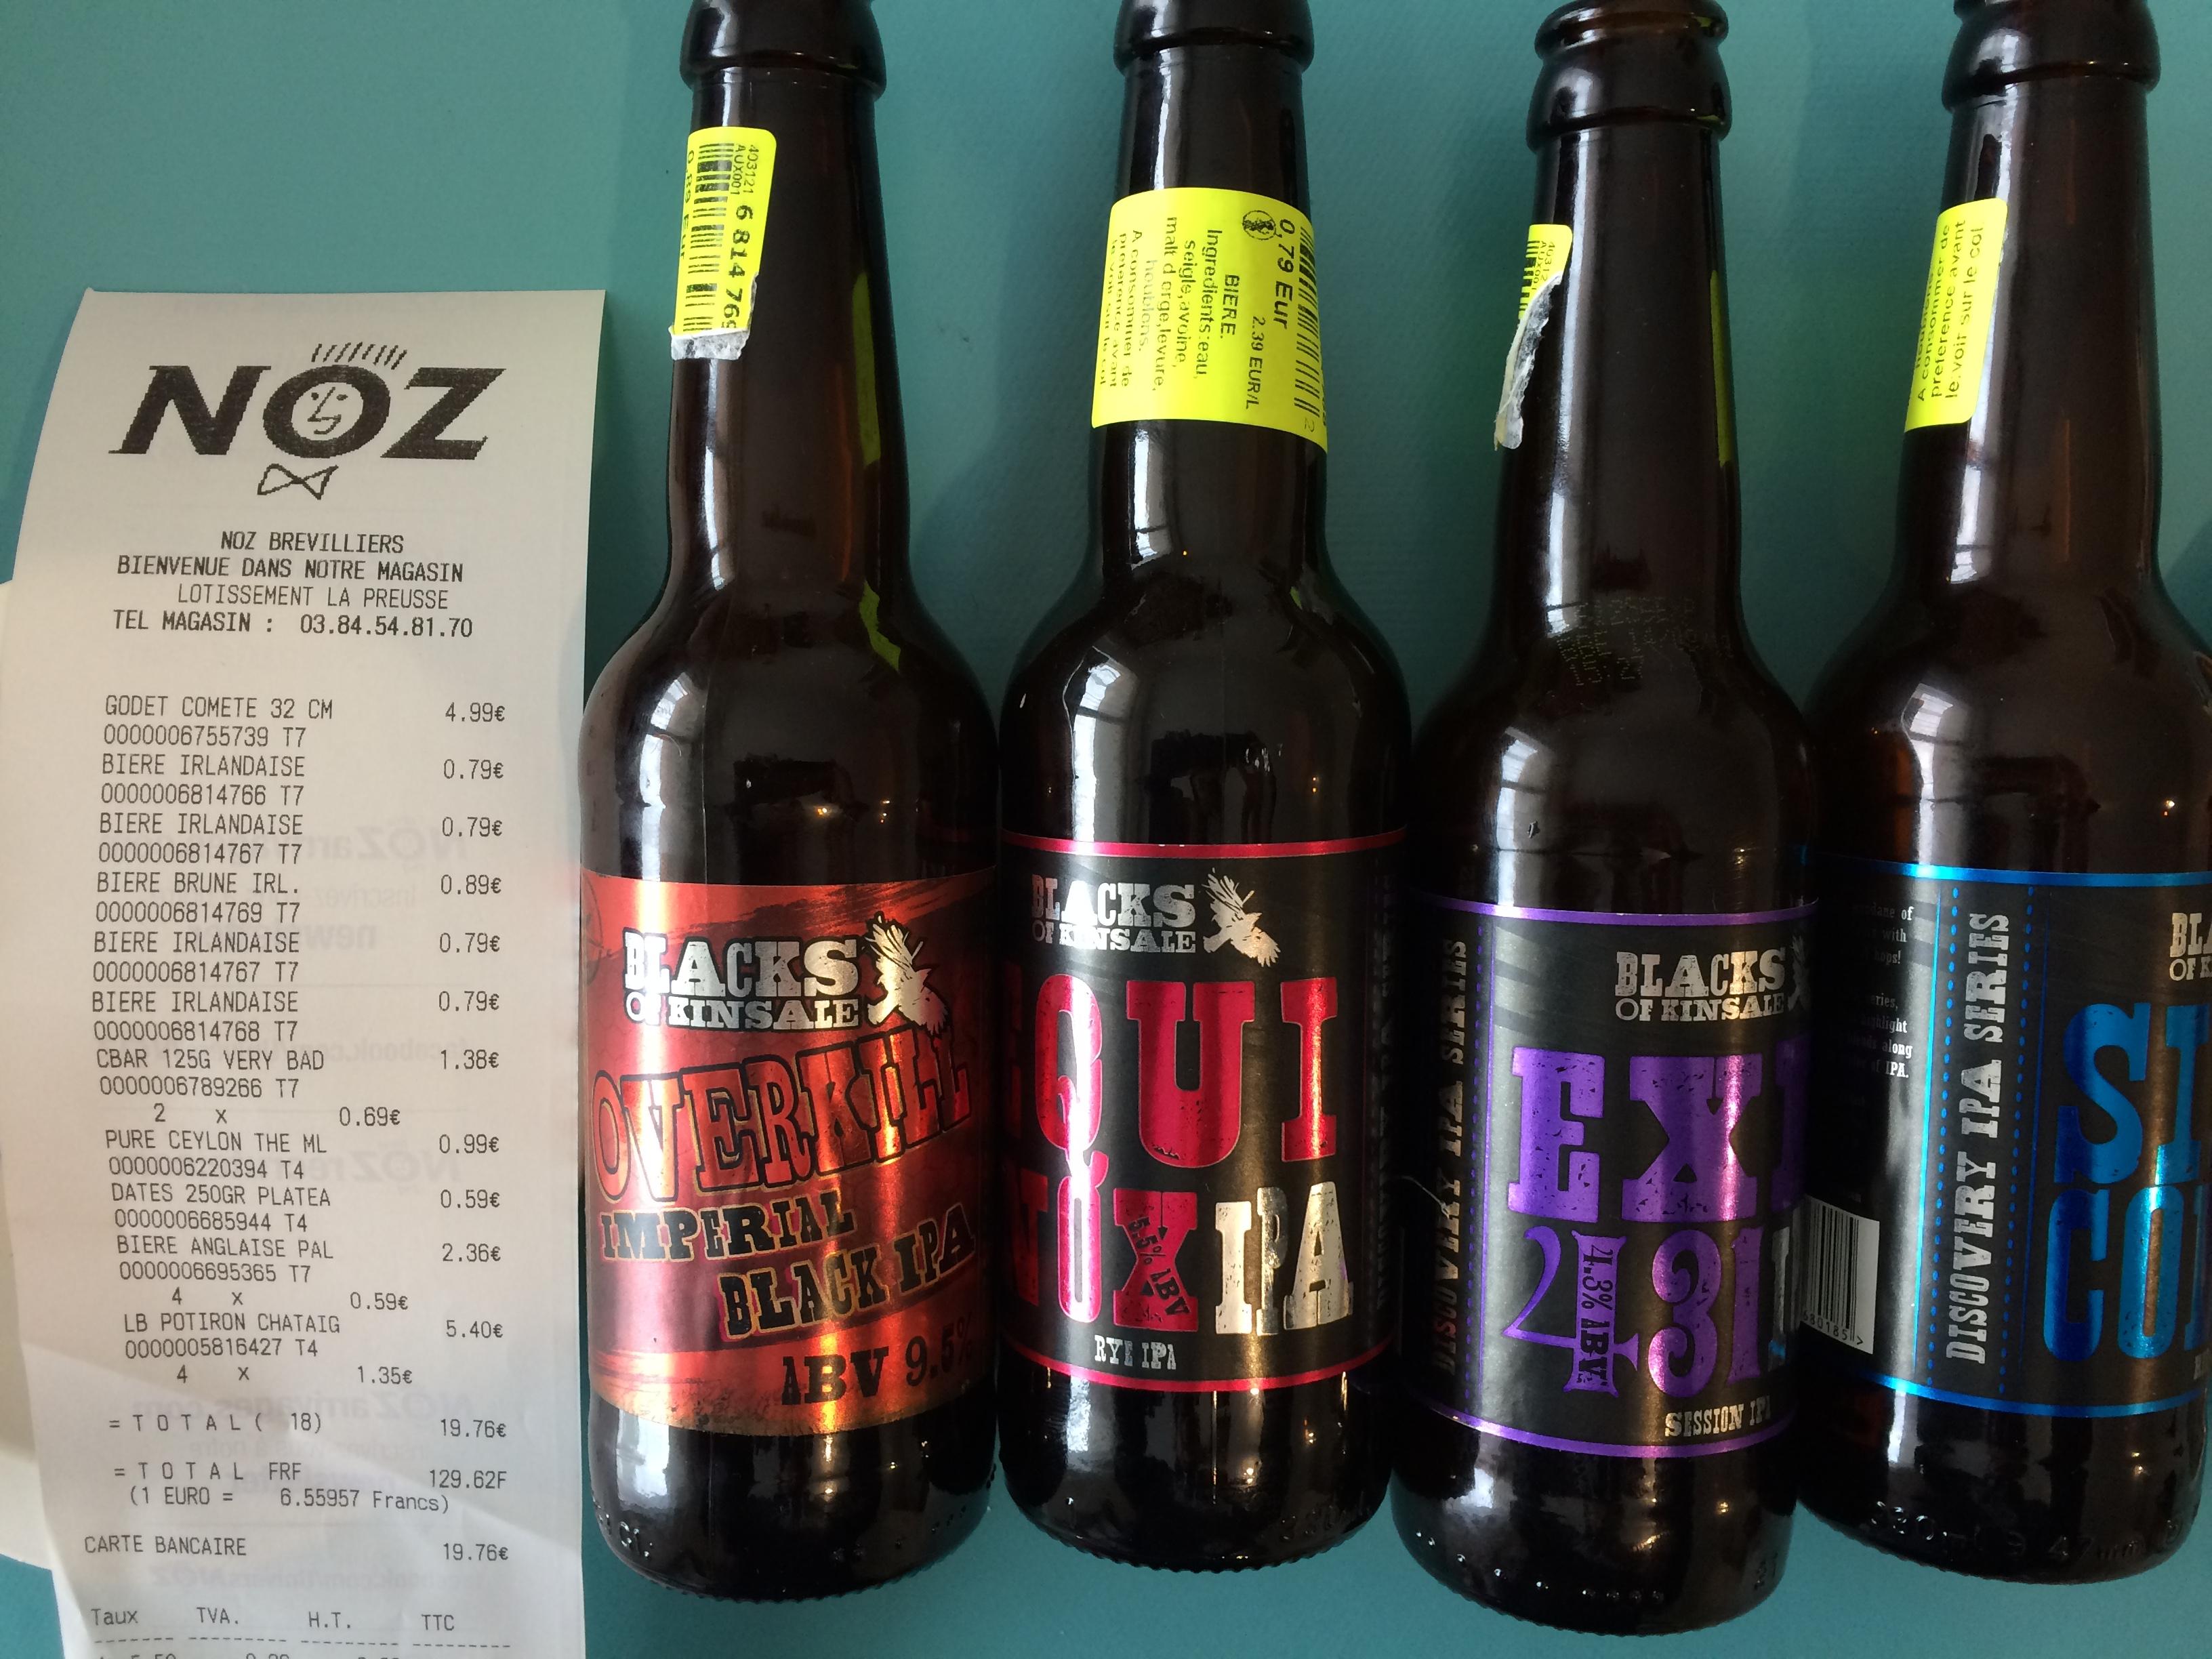 Déstockage de Bière Irlandaise - Ex: IPA Blacks of Kinsale à 0.79€ - Brevilliers (70)